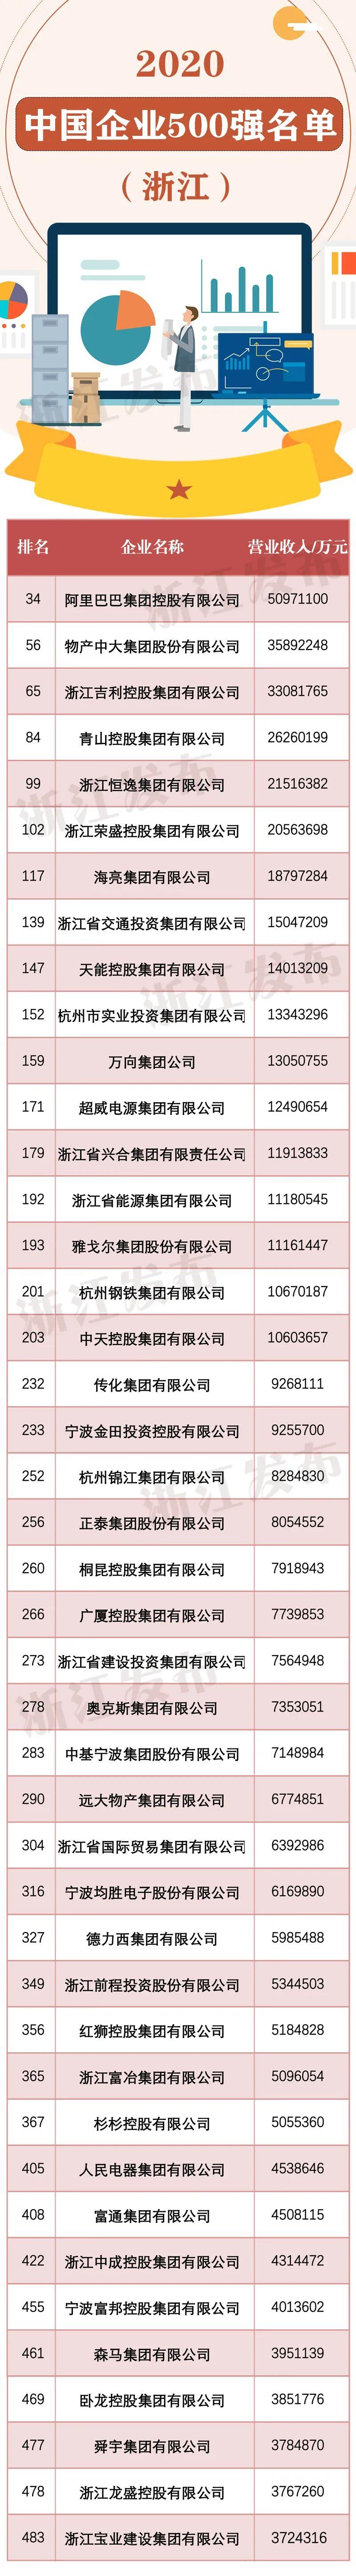 赞!浙江43家企业入选2020中国500强企业榜单(附全名单)图片